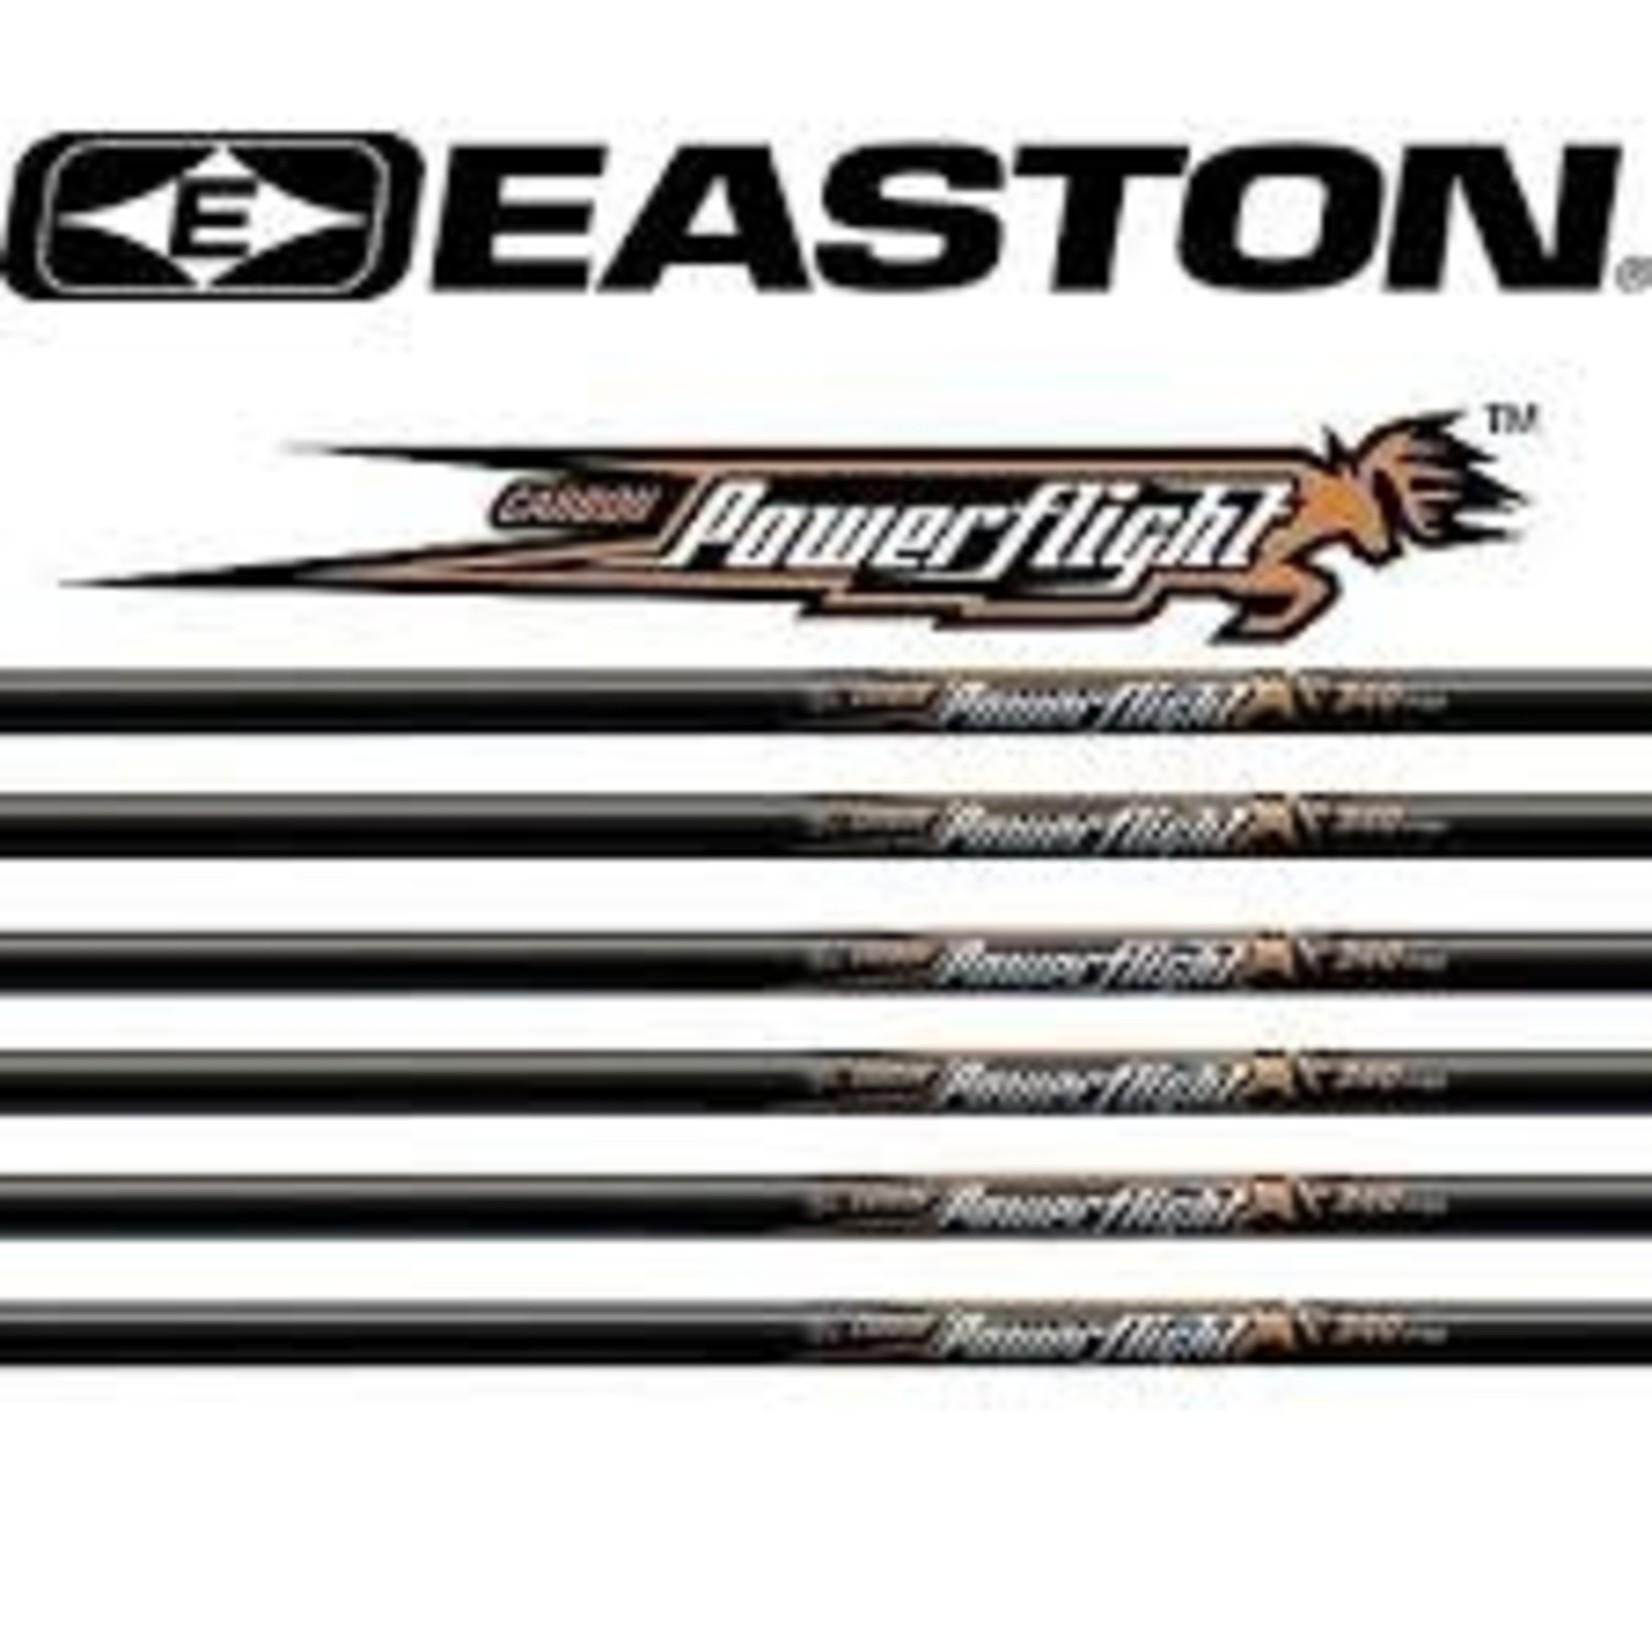 Easton Easton Powerflight Arrows  340 (1/2 doz)